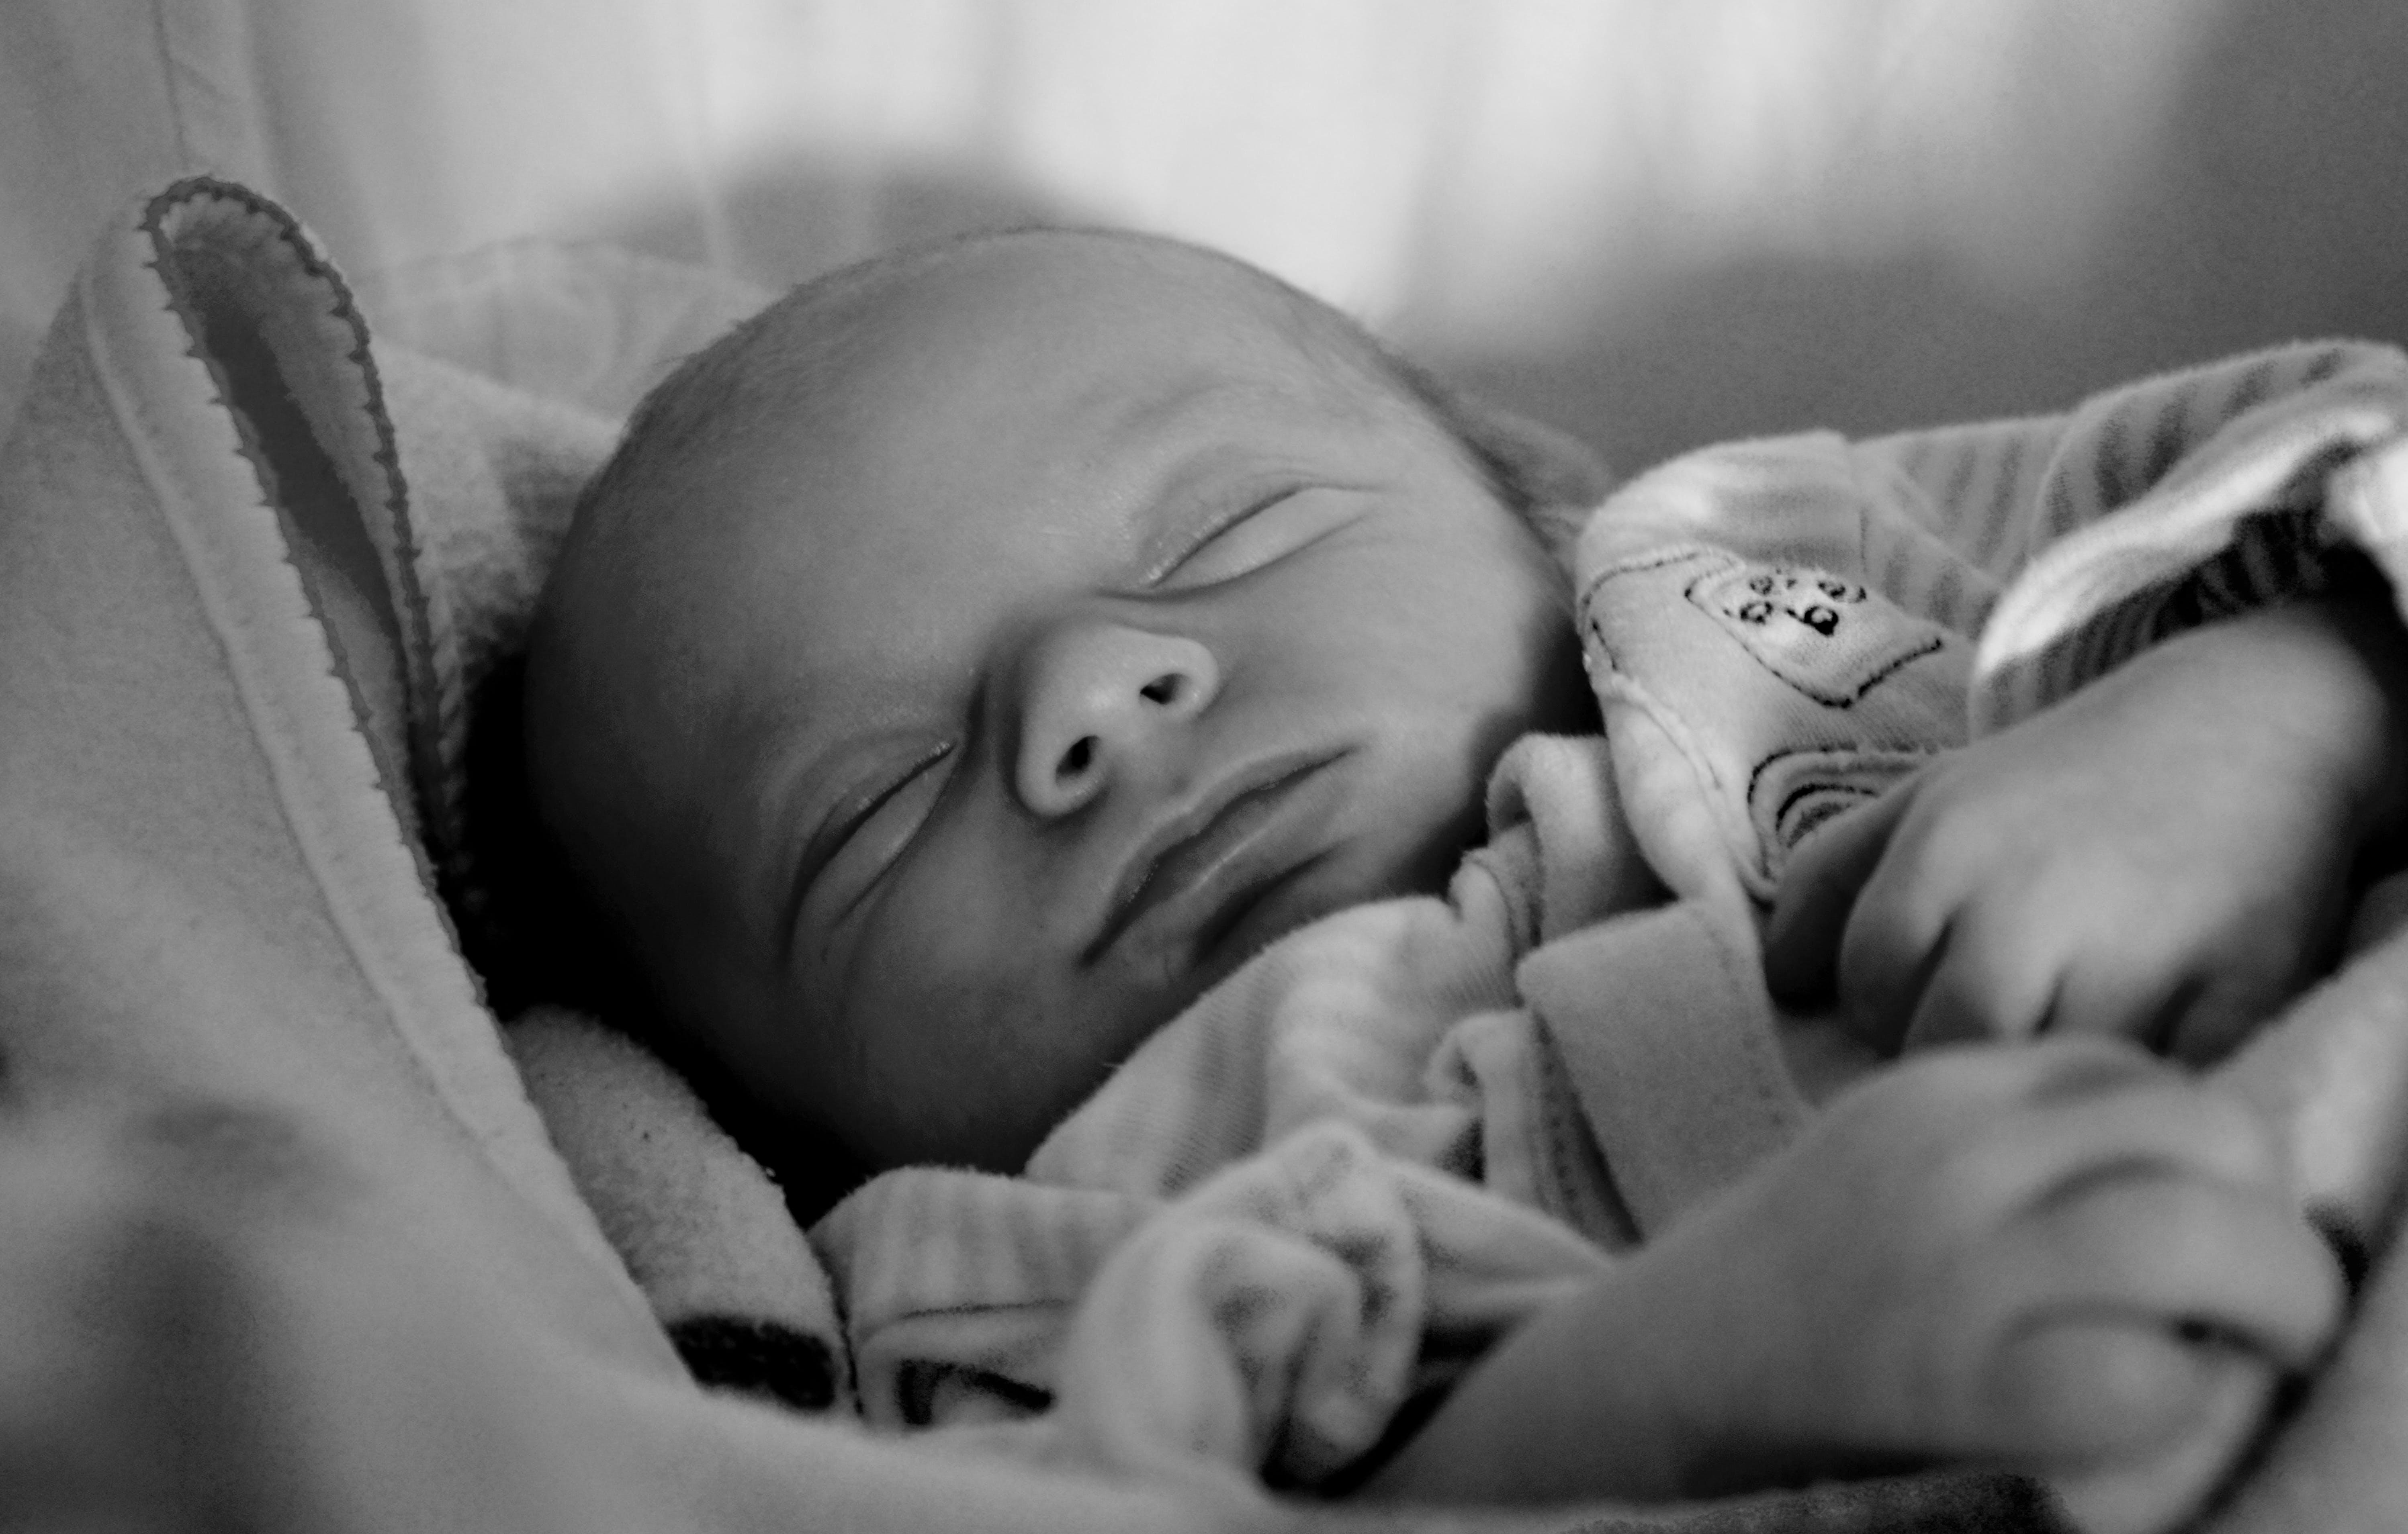 Grayscale Photography of Baby Sleeping